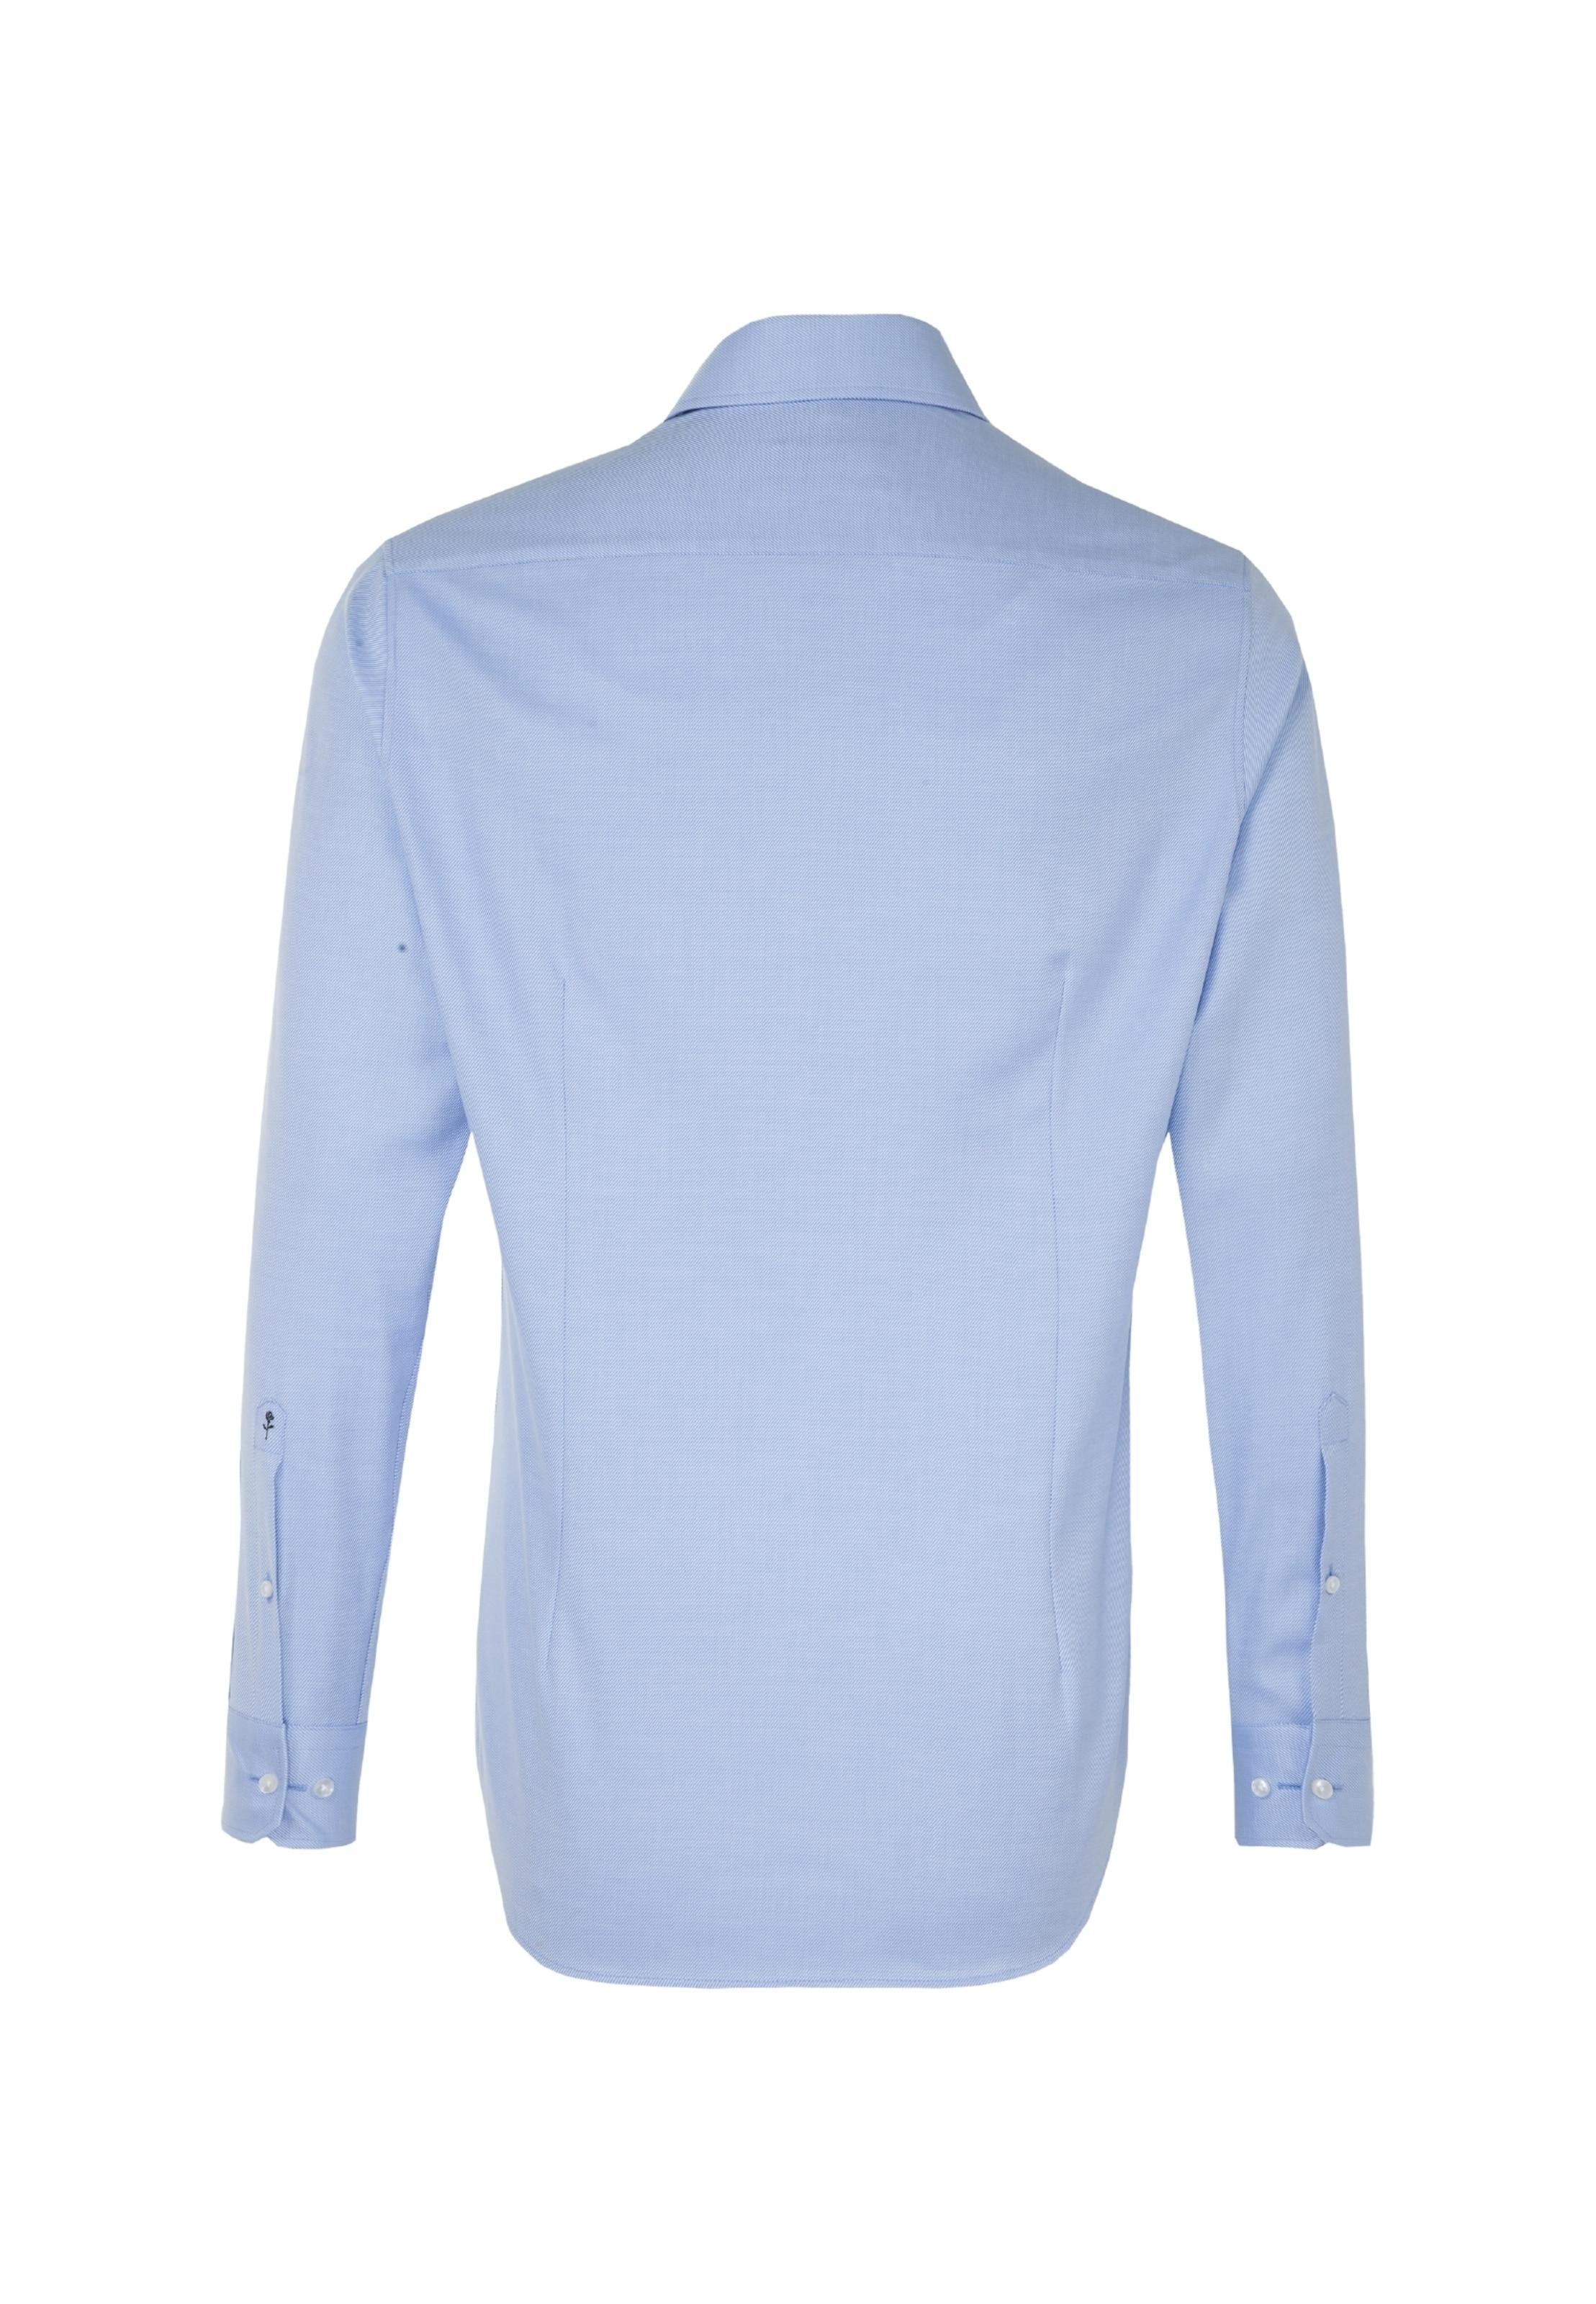 Rauchblau Rauchblau In Seidensticker Seidensticker Hemd Hemd Hemd In Seidensticker In ymNnP8wOv0